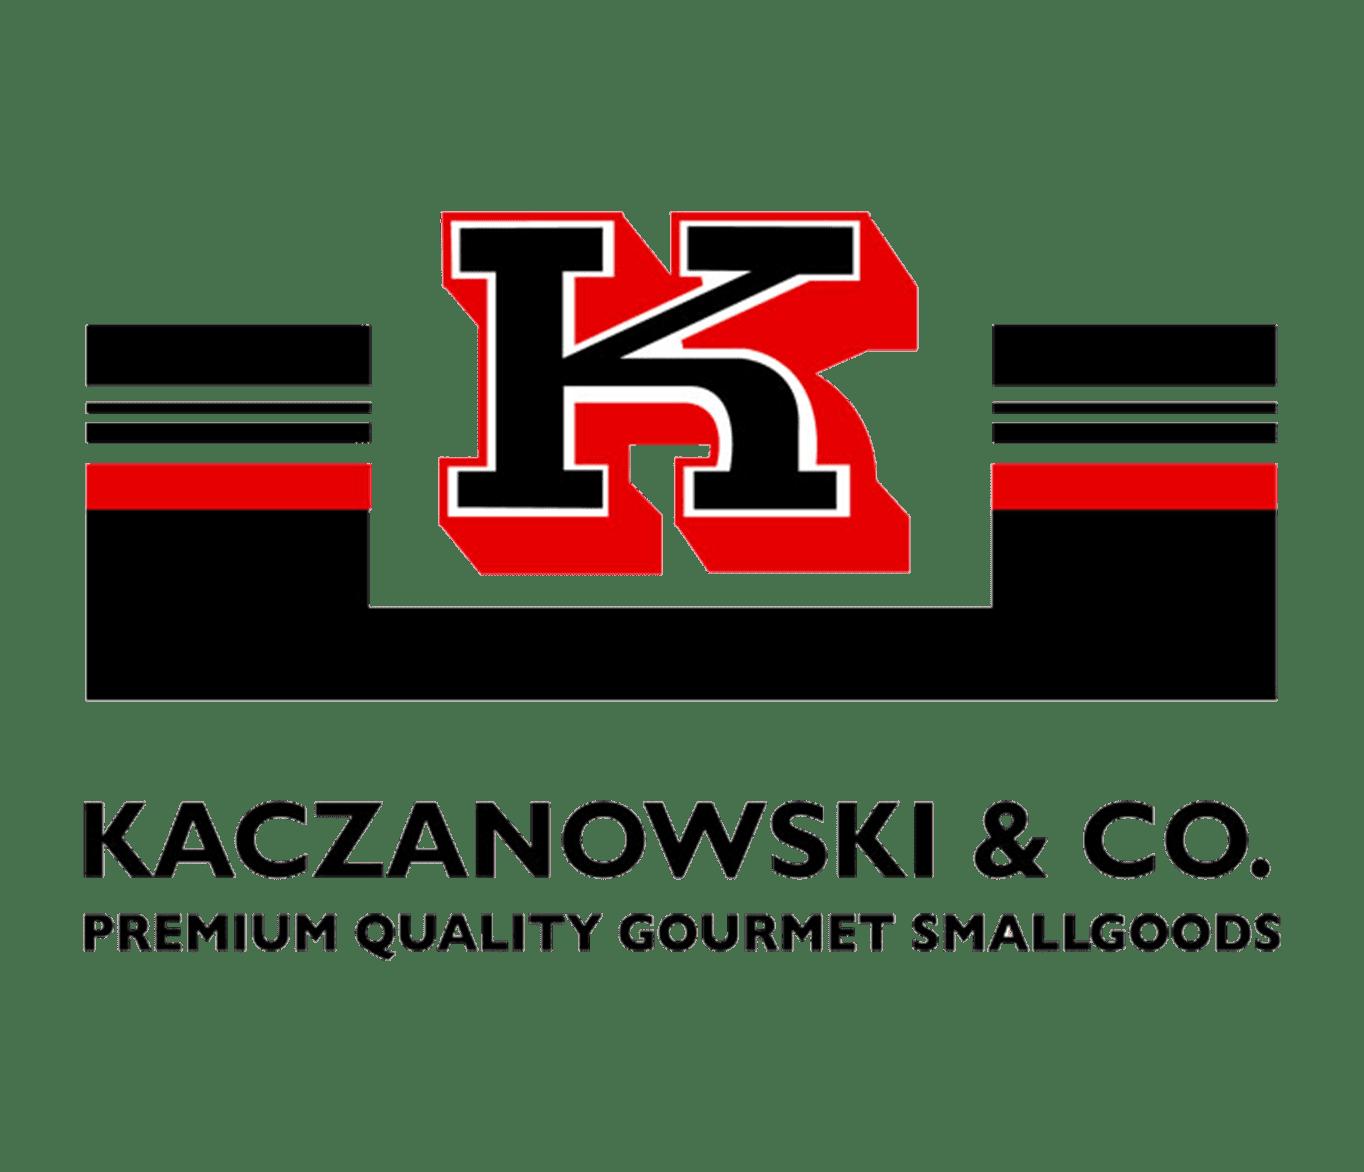 Kaczanowski & Co